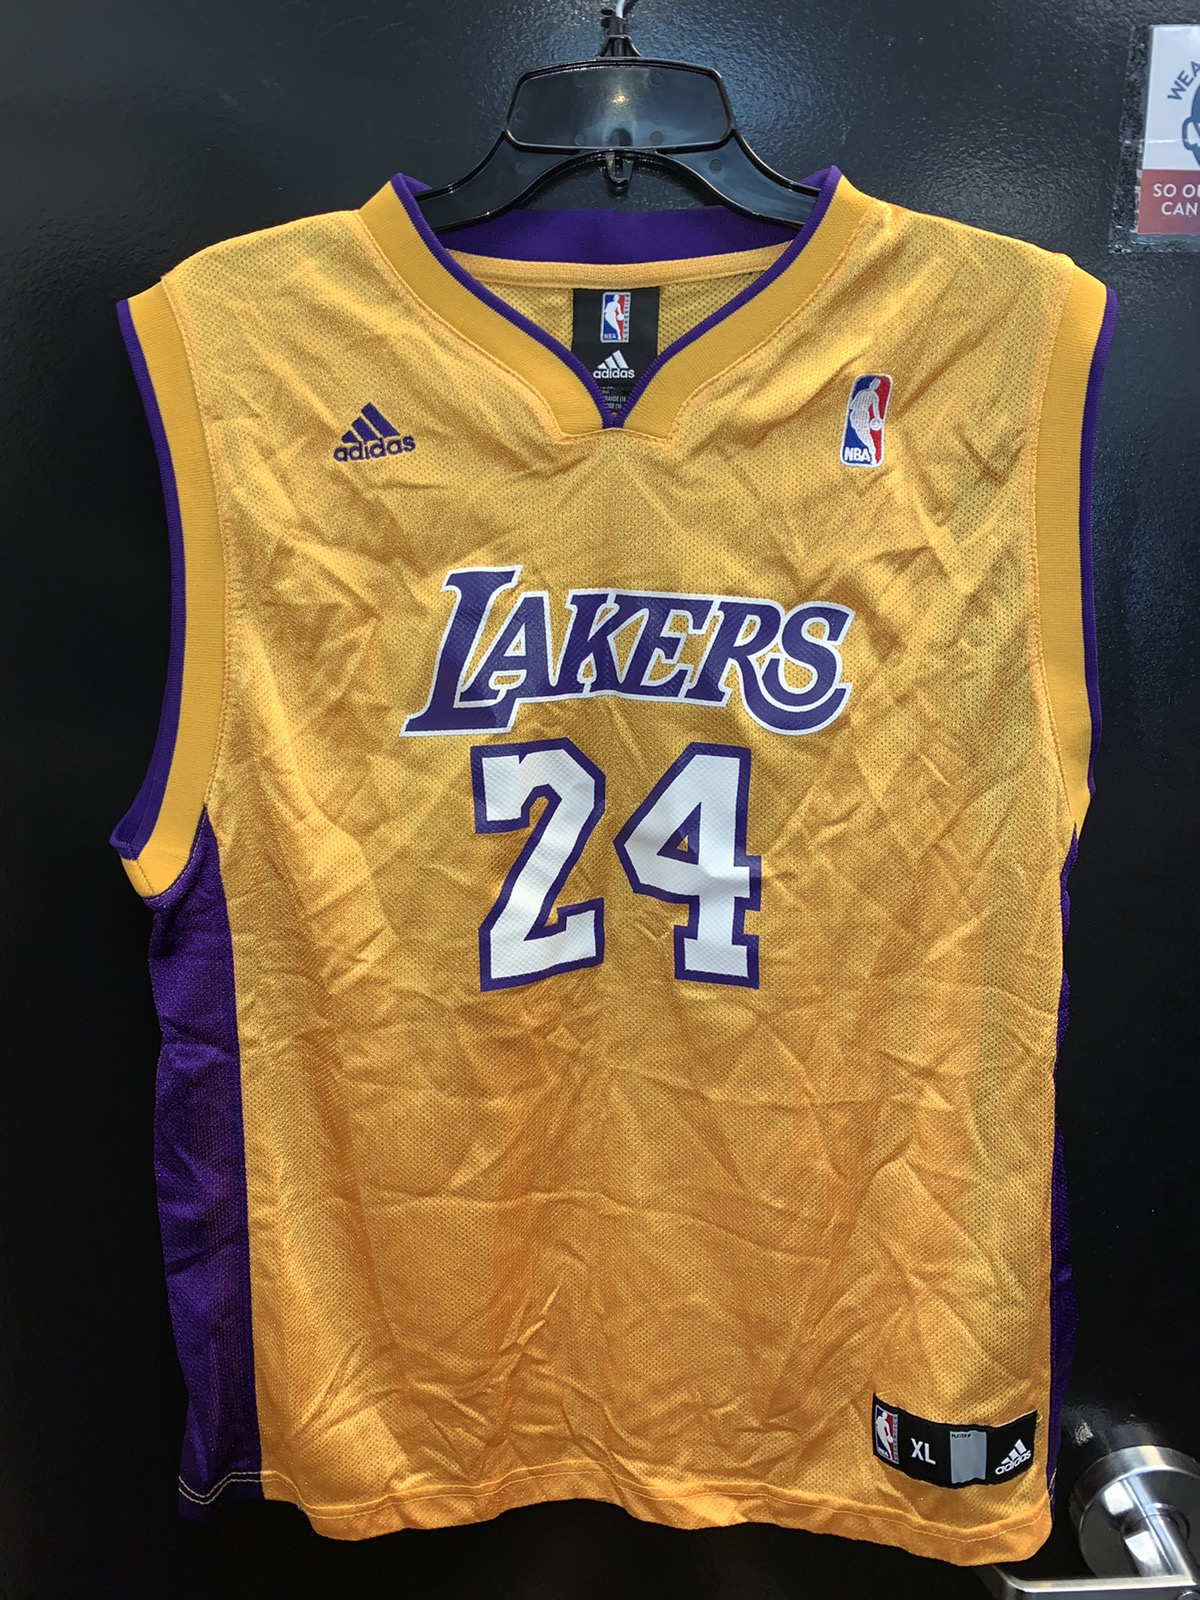 Adidas Adidas NBA Kobe Bryant 24 LA Lakers Kids Basketball Jersey